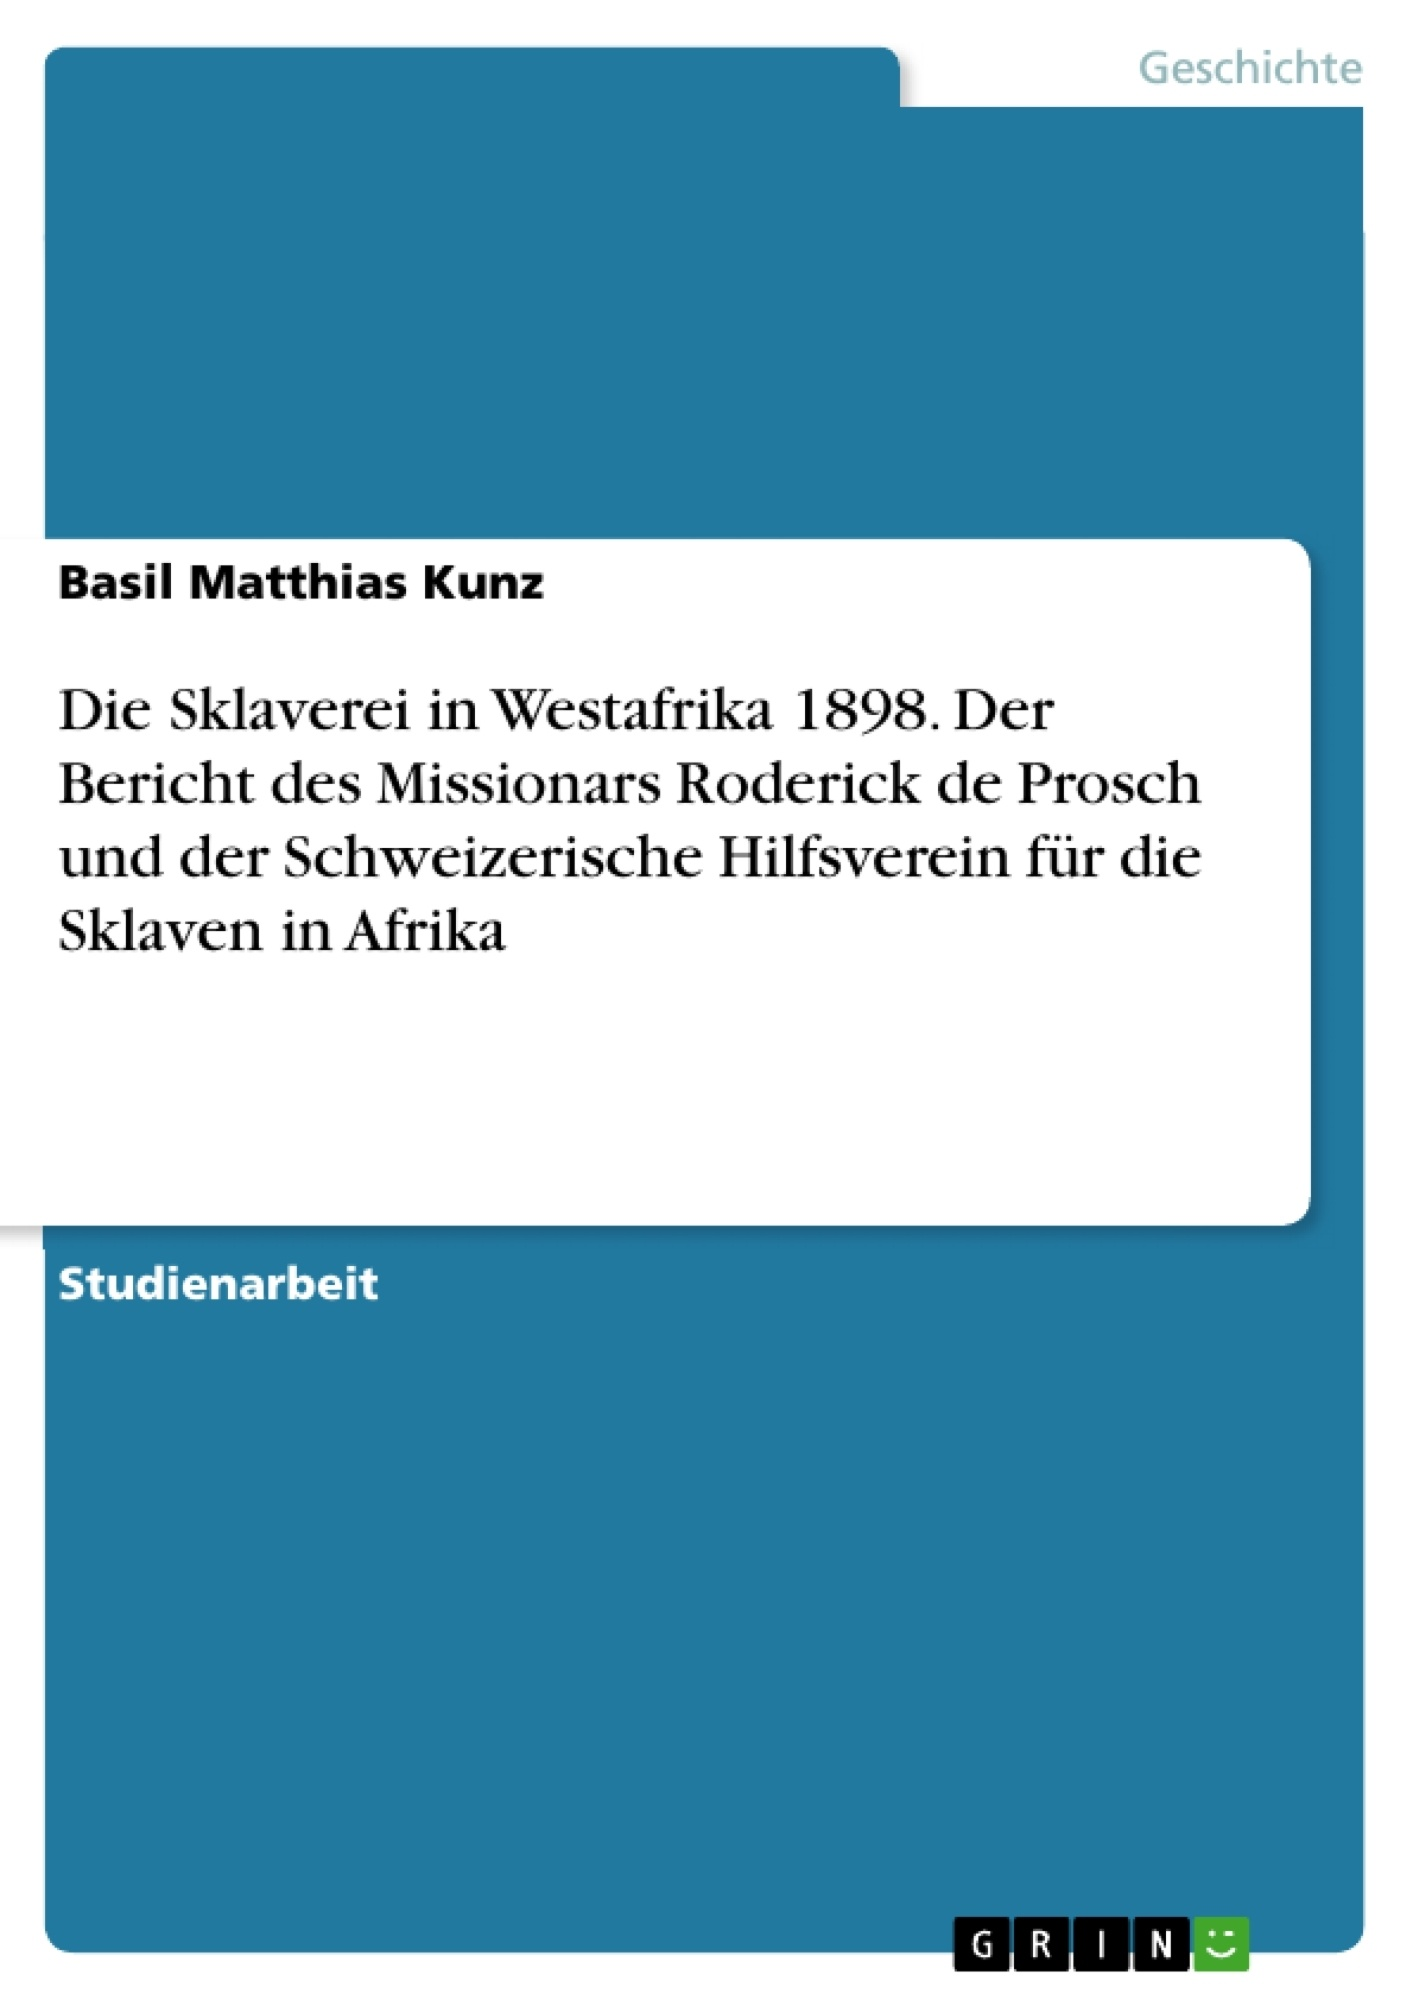 Titel: Die Sklaverei in Westafrika 1898. Der Bericht des Missionars Roderick de Prosch und der Schweizerische Hilfsverein für die Sklaven in Afrika